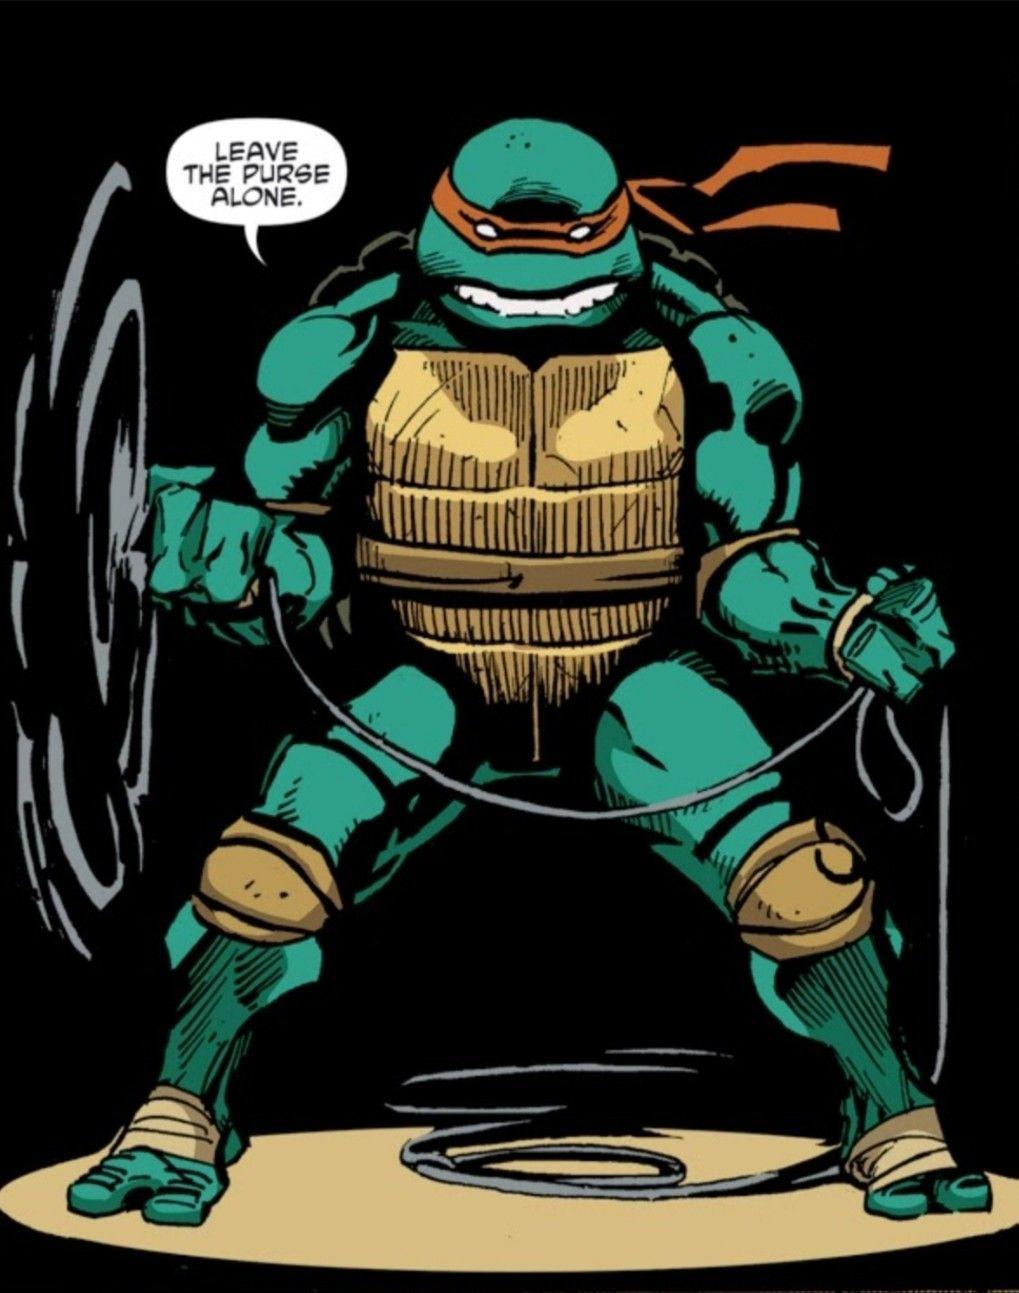 Pin By John Rabbit On Ninja Turtles Cartoon Turtle Ninja Turtles Tmnt Art